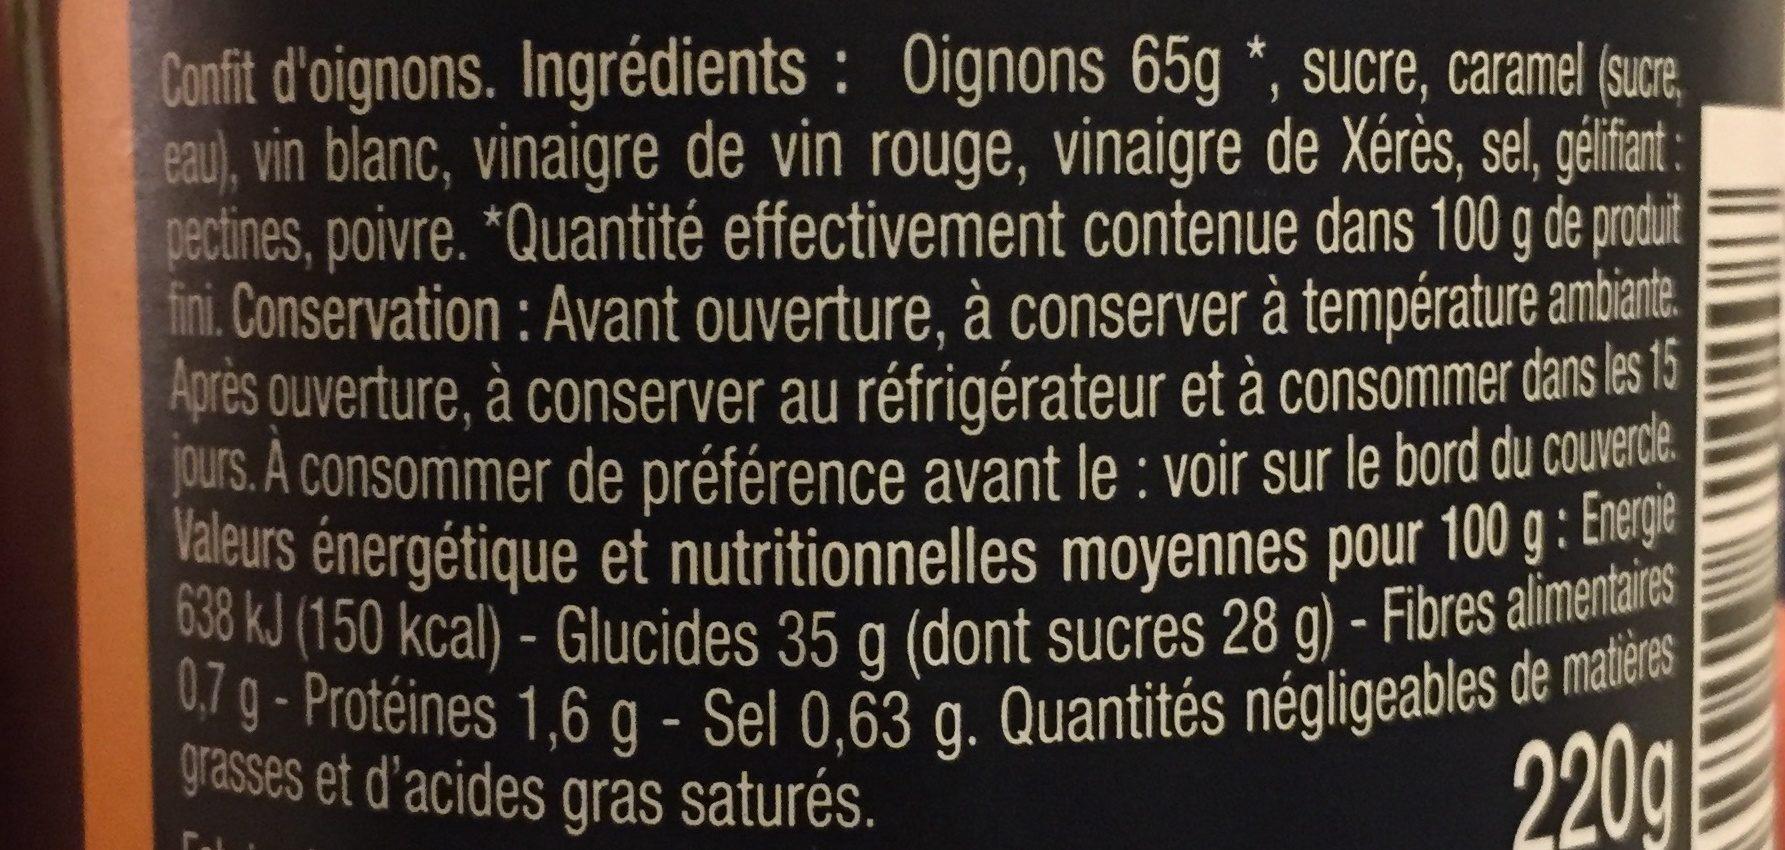 Confit d'oignons cuit au chaudron - Ingrédients - fr